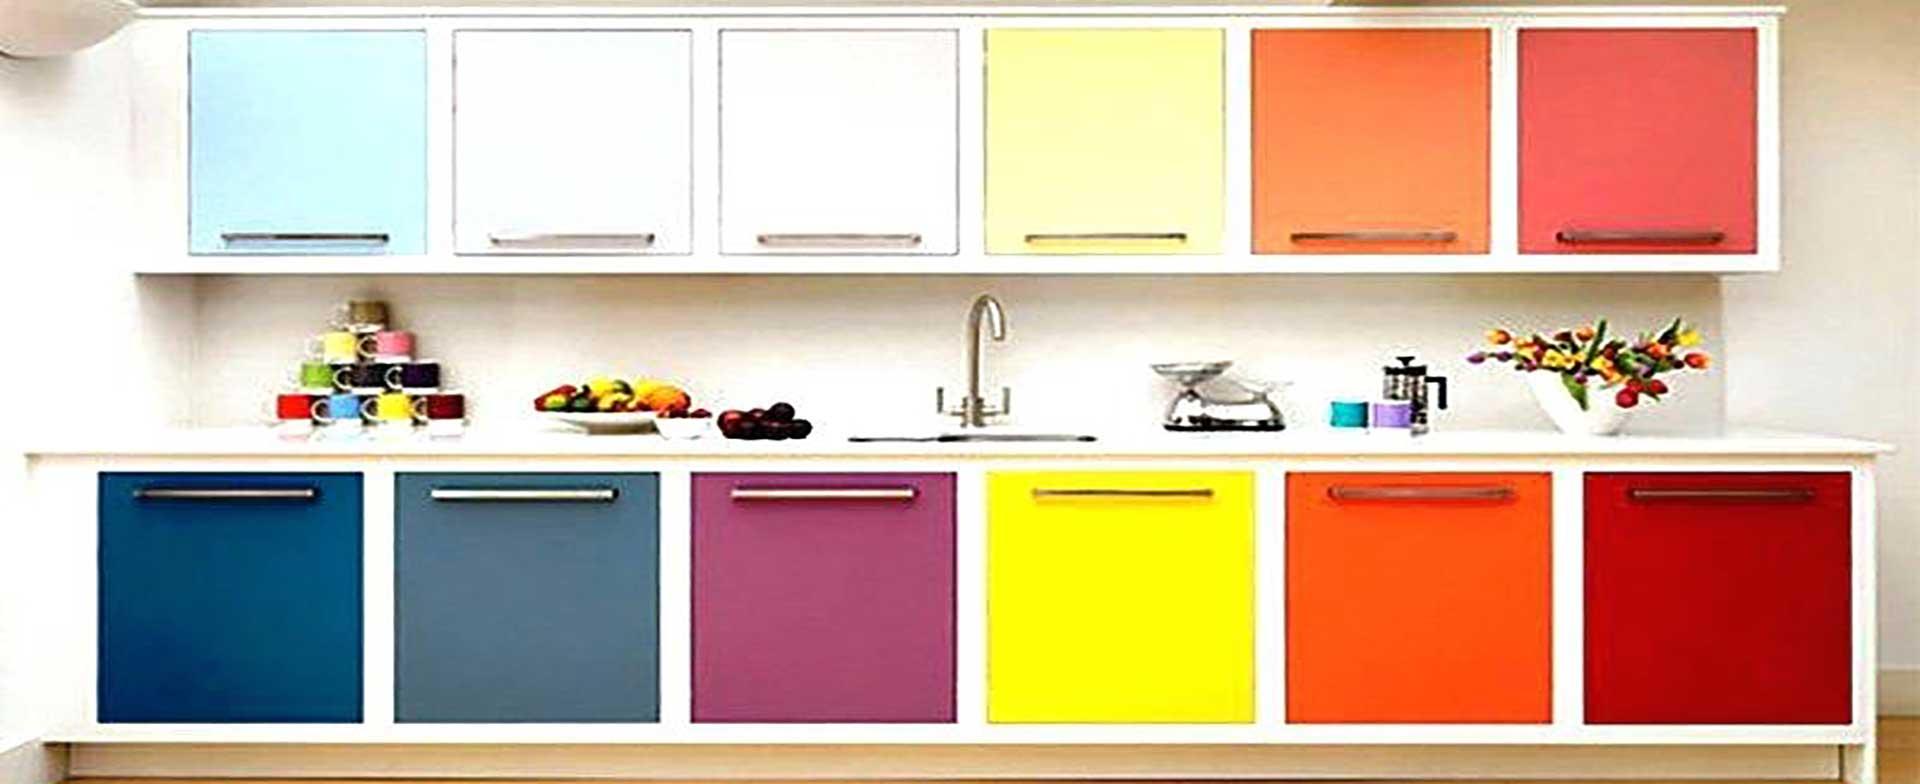 color means